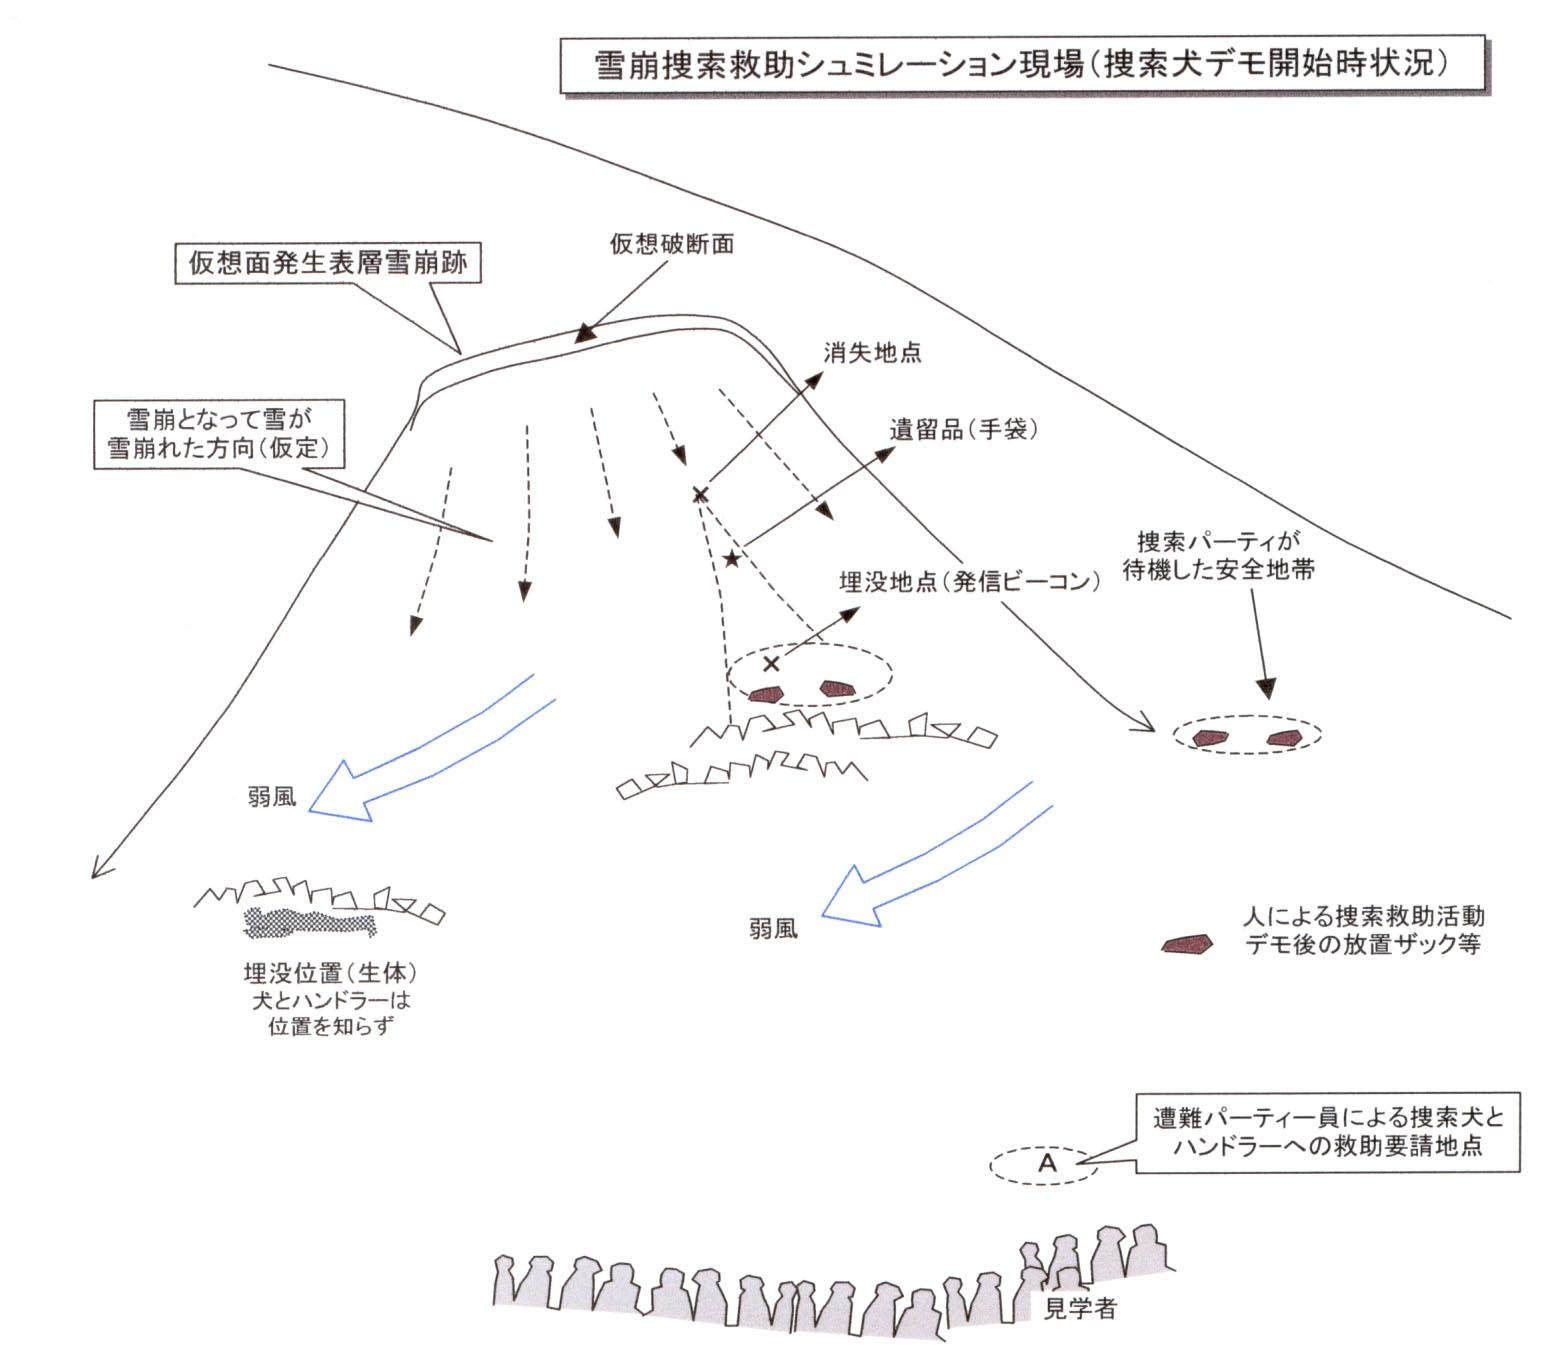 捜索犬デモ現場図(1)